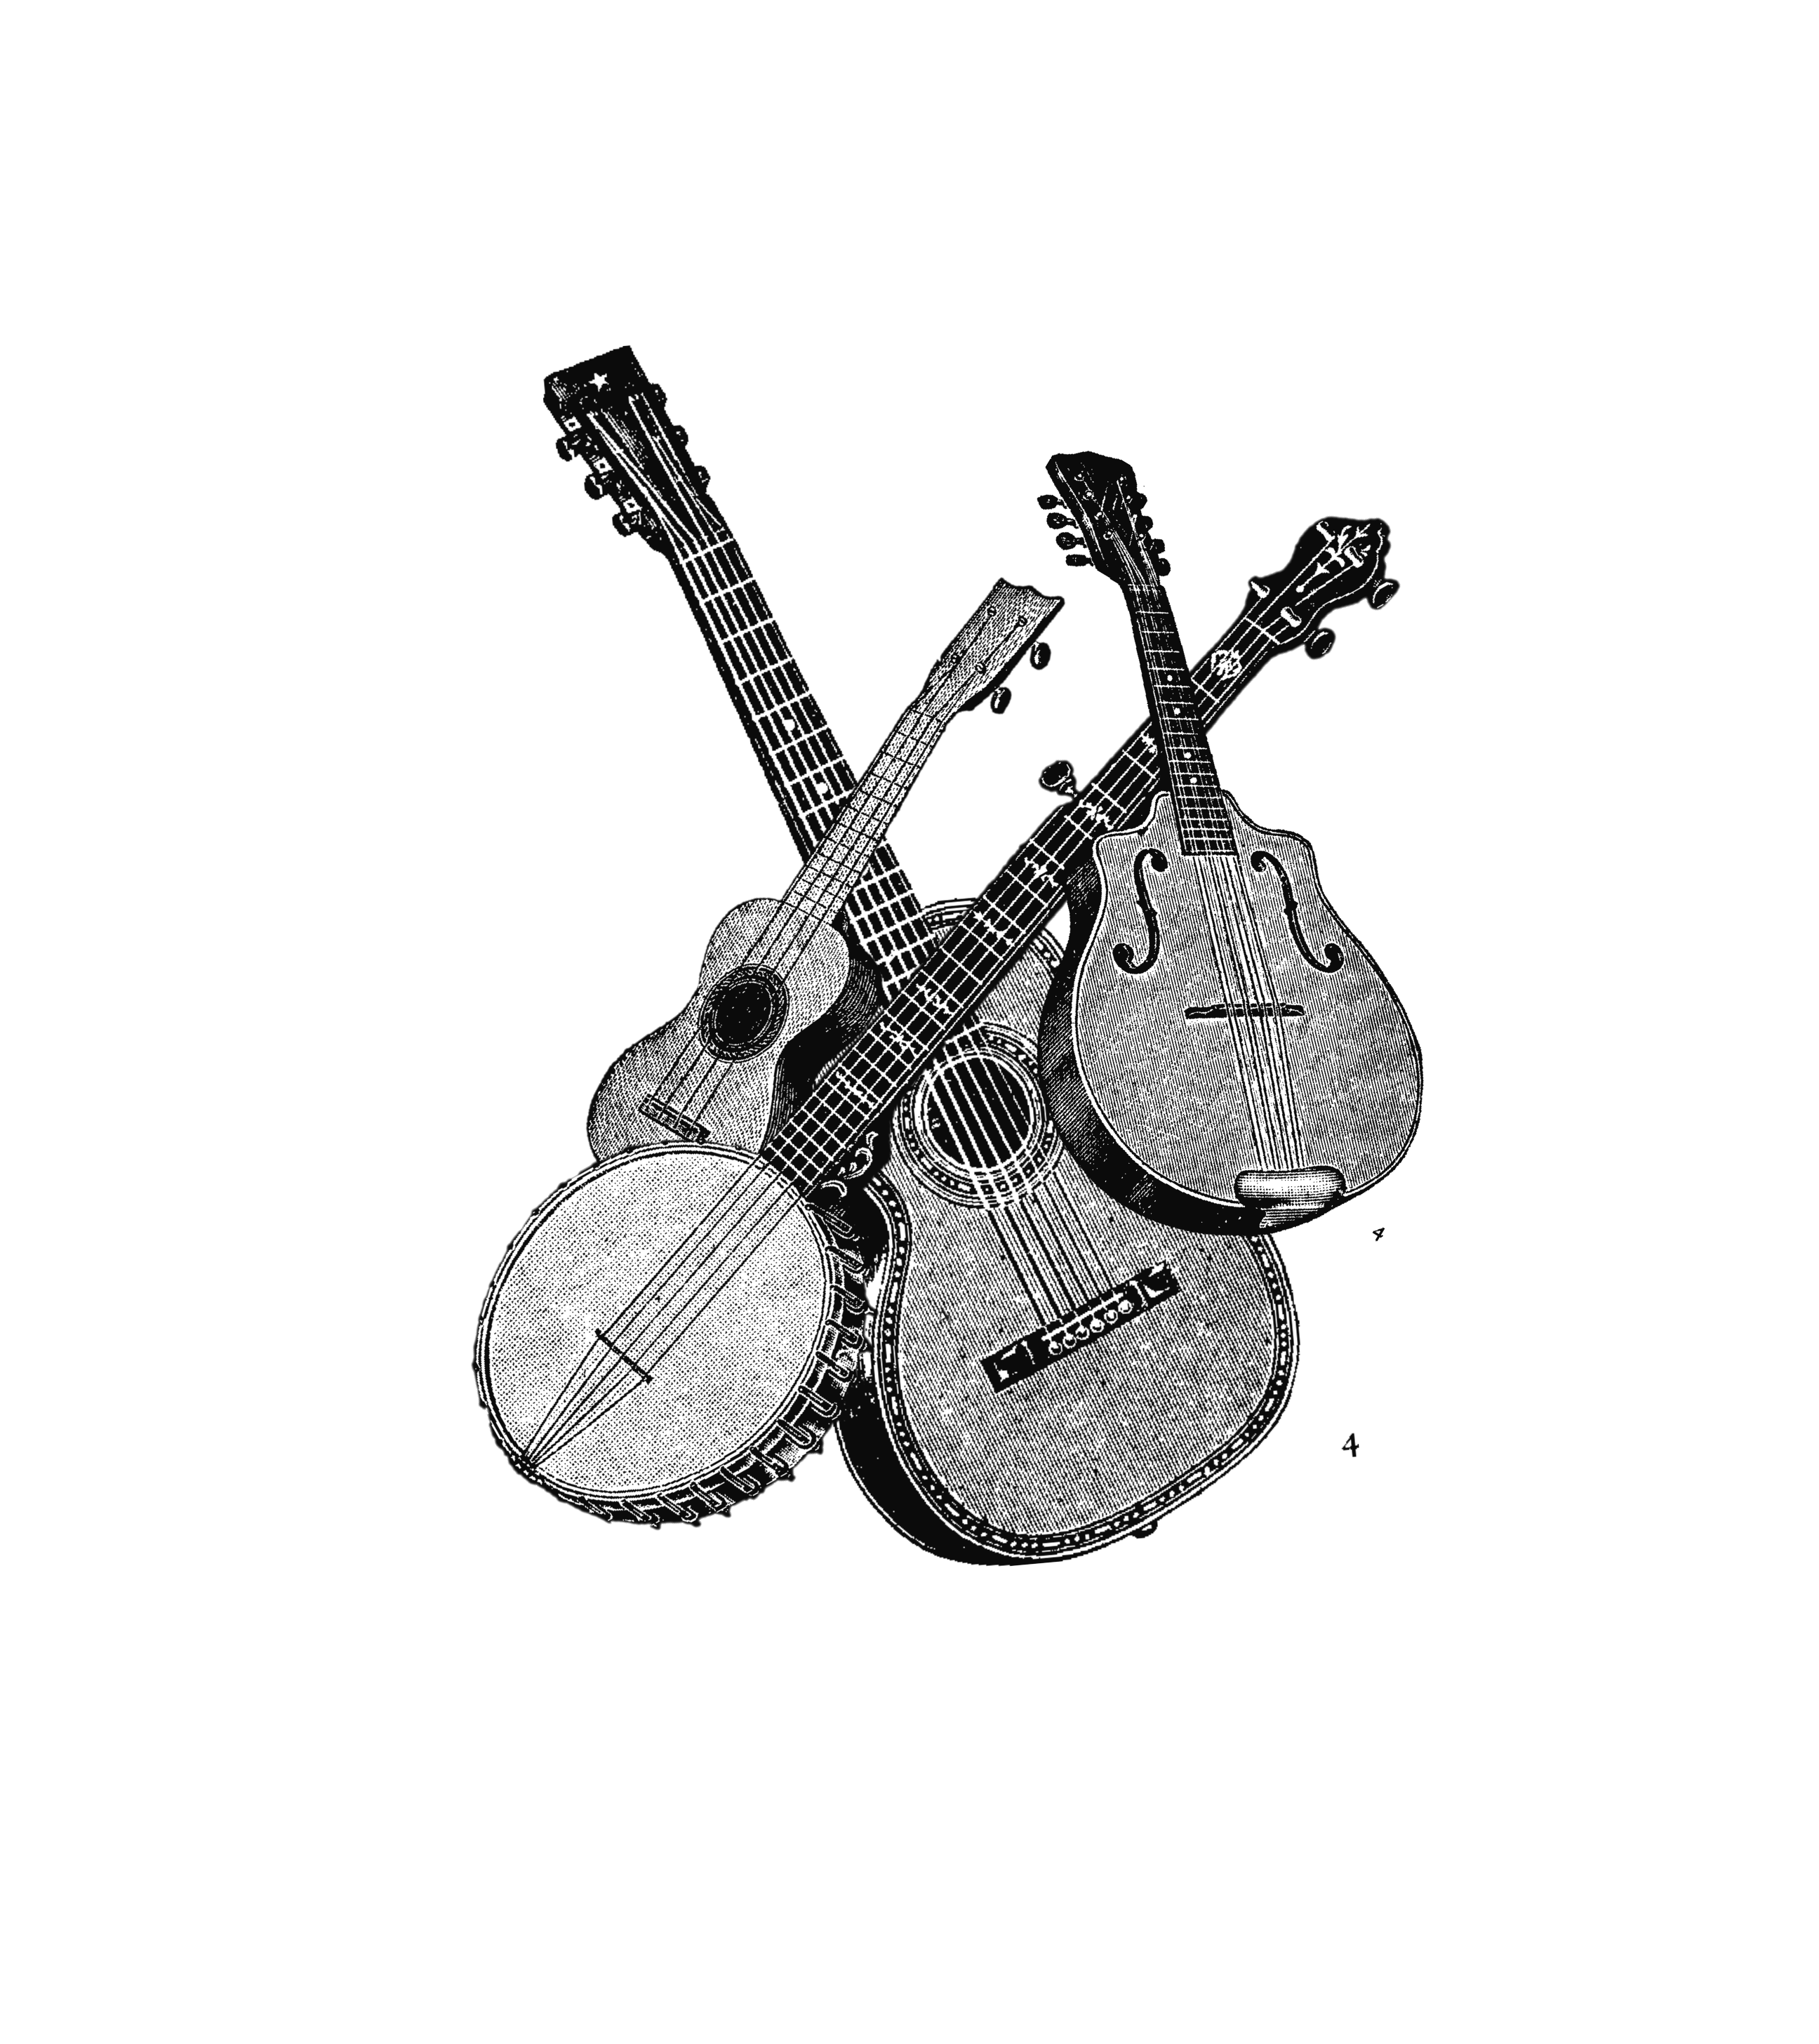 Leer banjo, mandoline of ukulele spelen